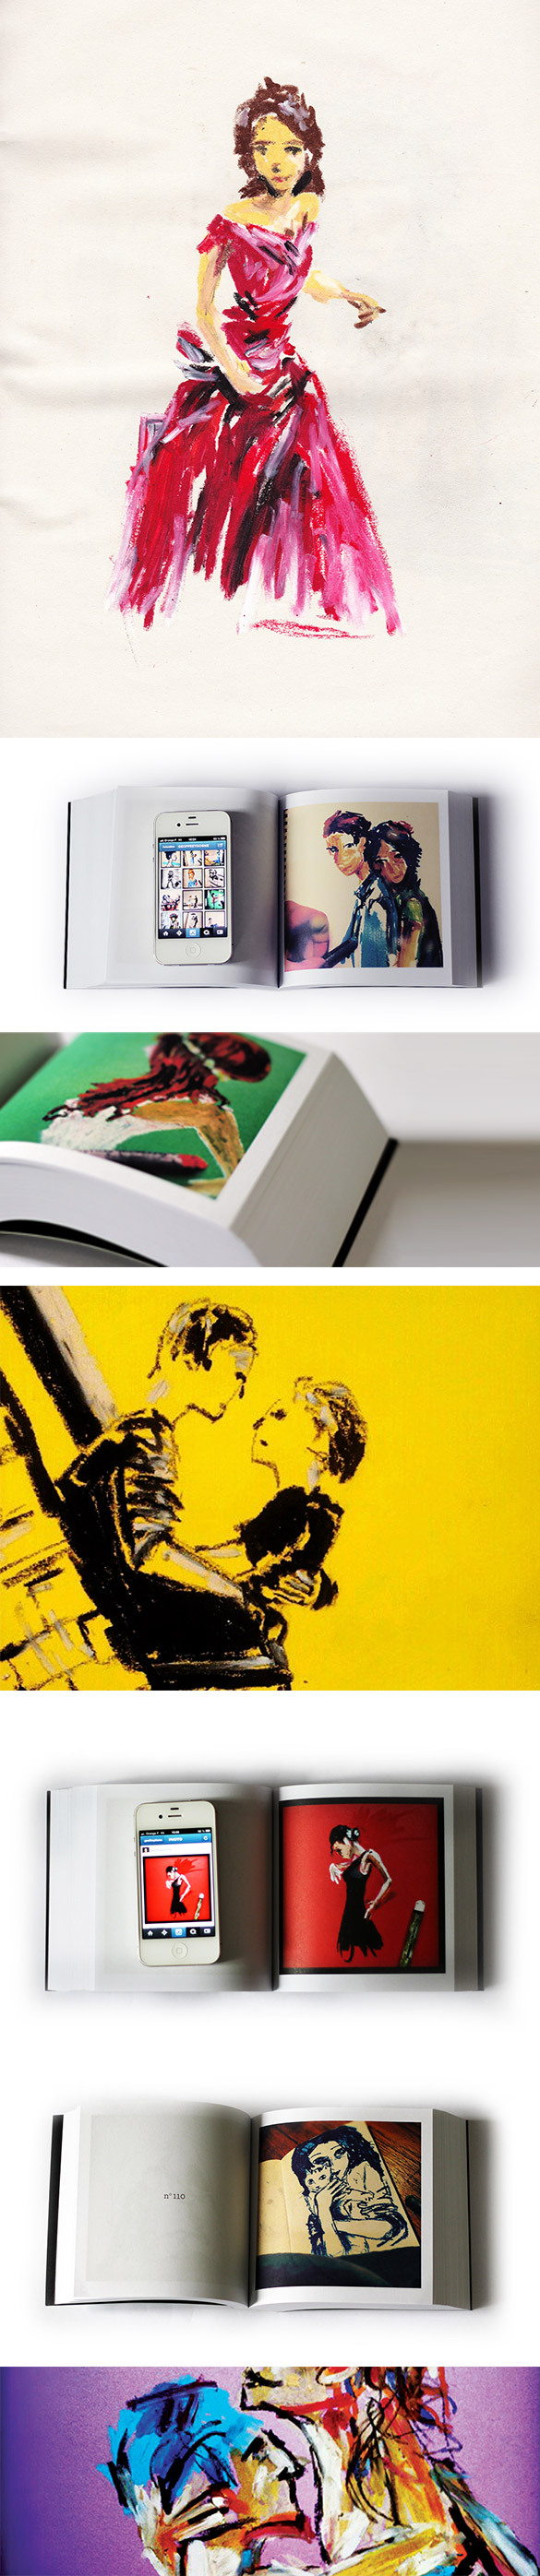 book3 Je publie mon premier livre, il retrace 365 dessins réalisés sur un an!